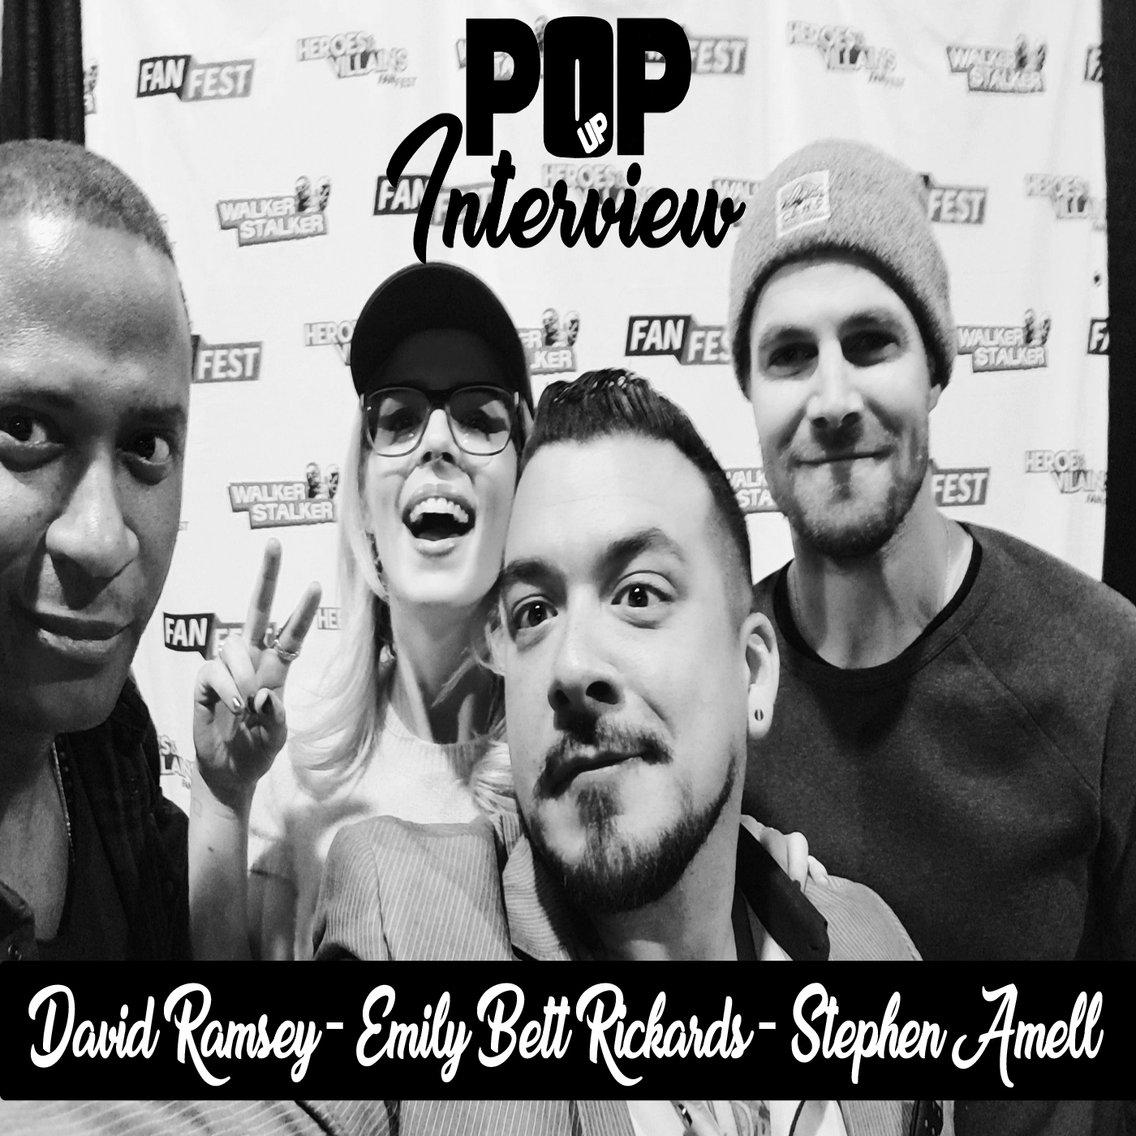 Pop Up Interview - immagine di copertina